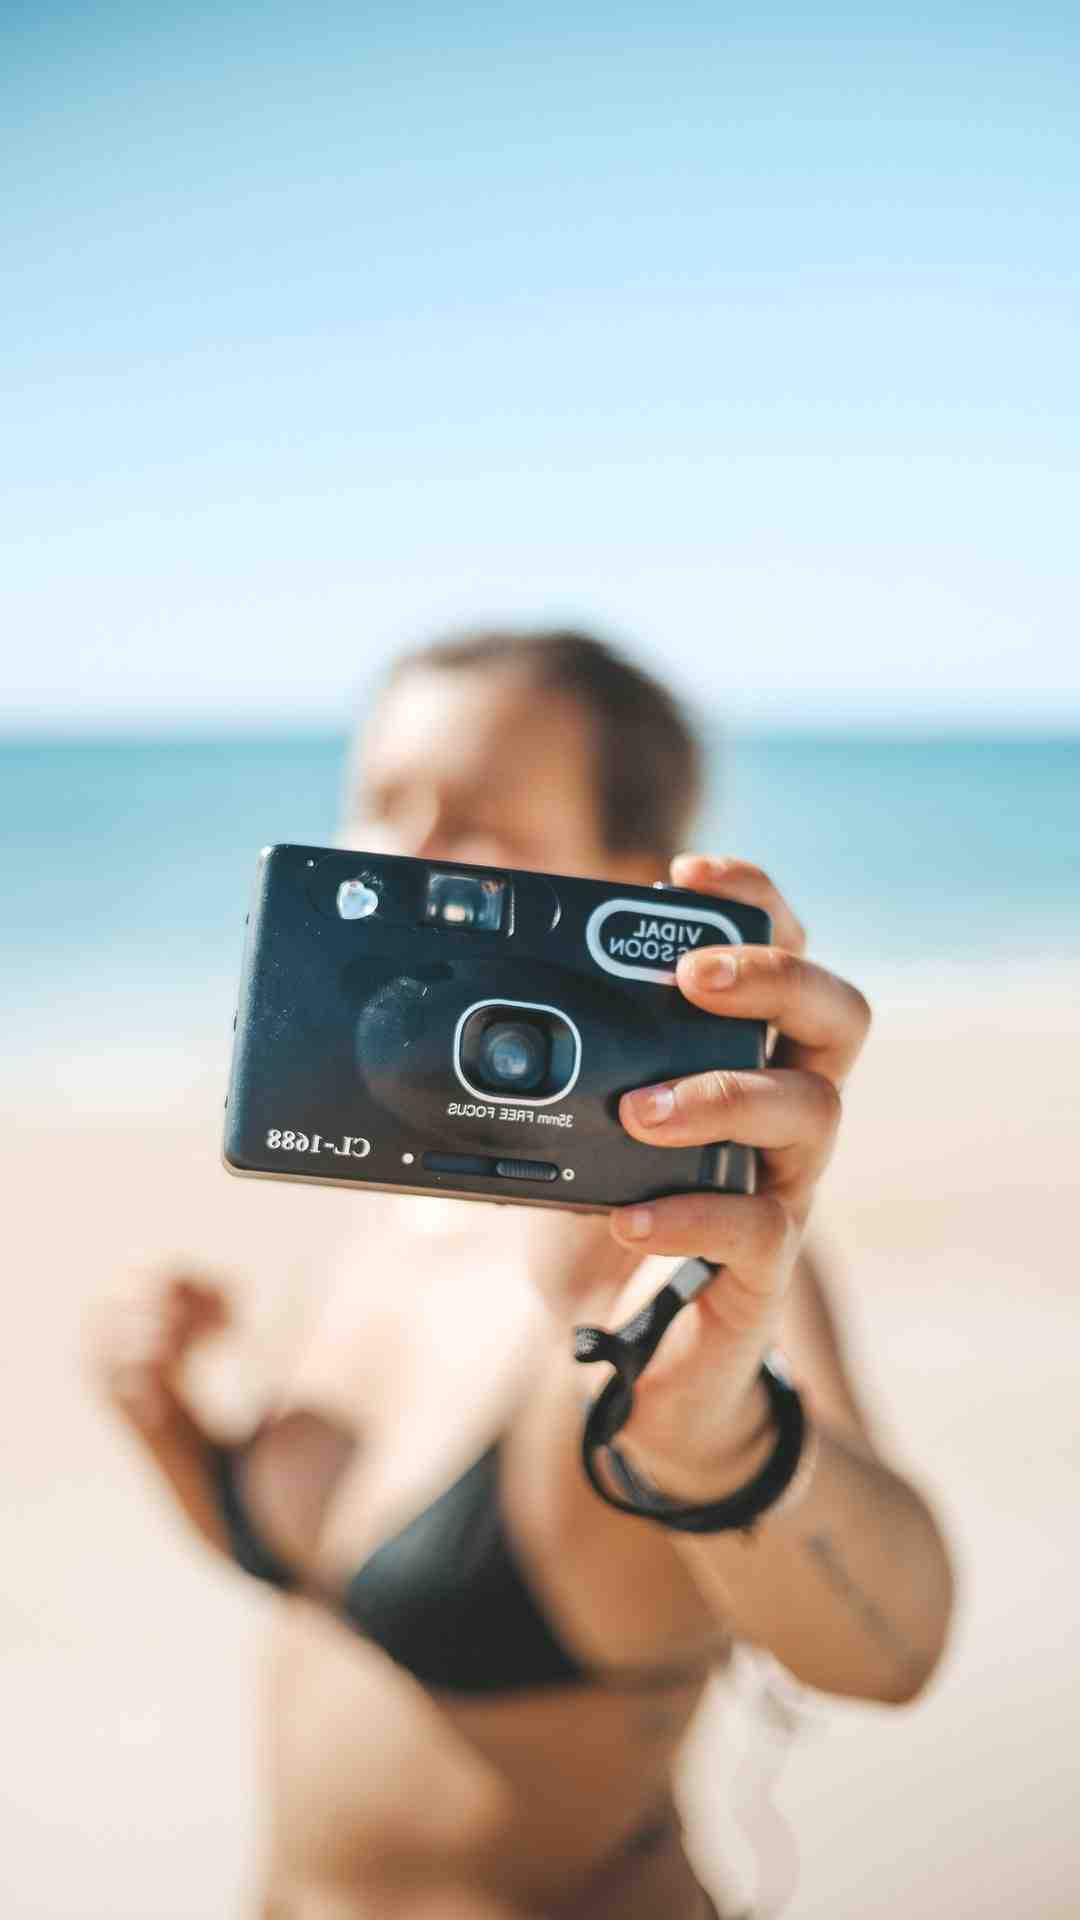 Comment faire pour retoucher une photo ?